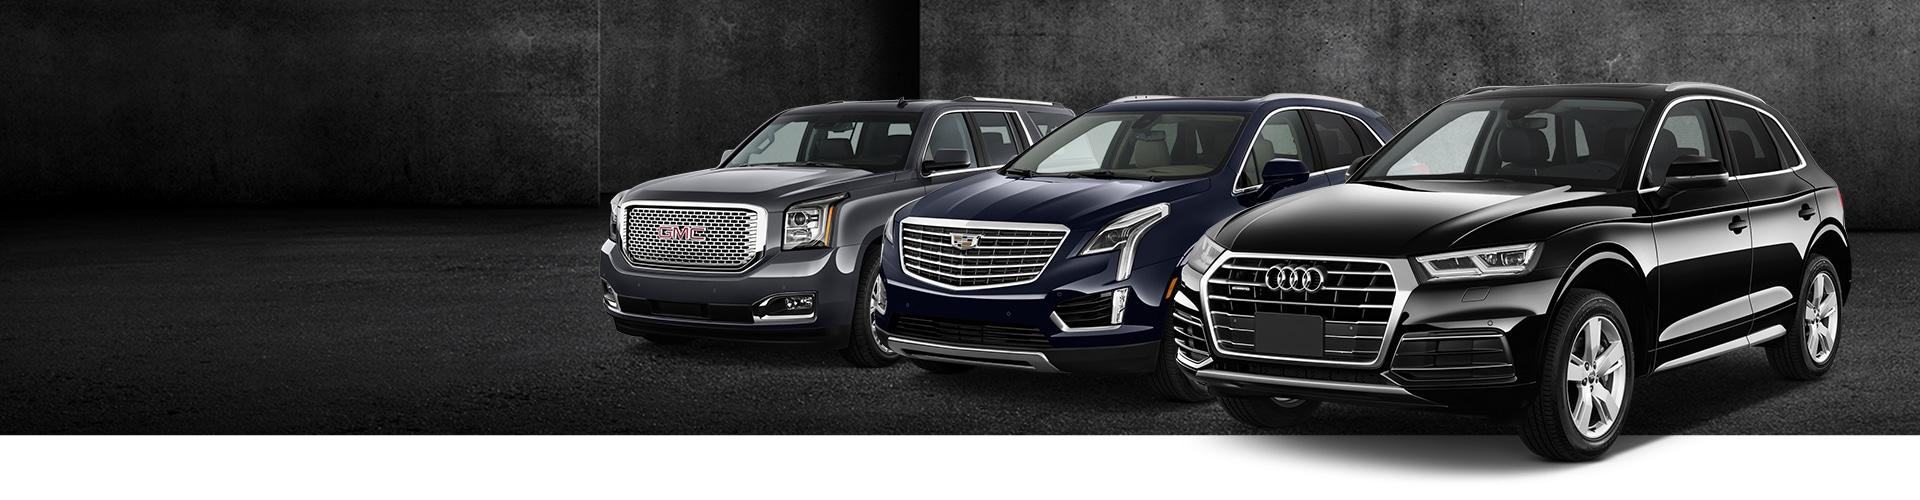 Rent A Premium Elite Suv Enterprise Rent A Car